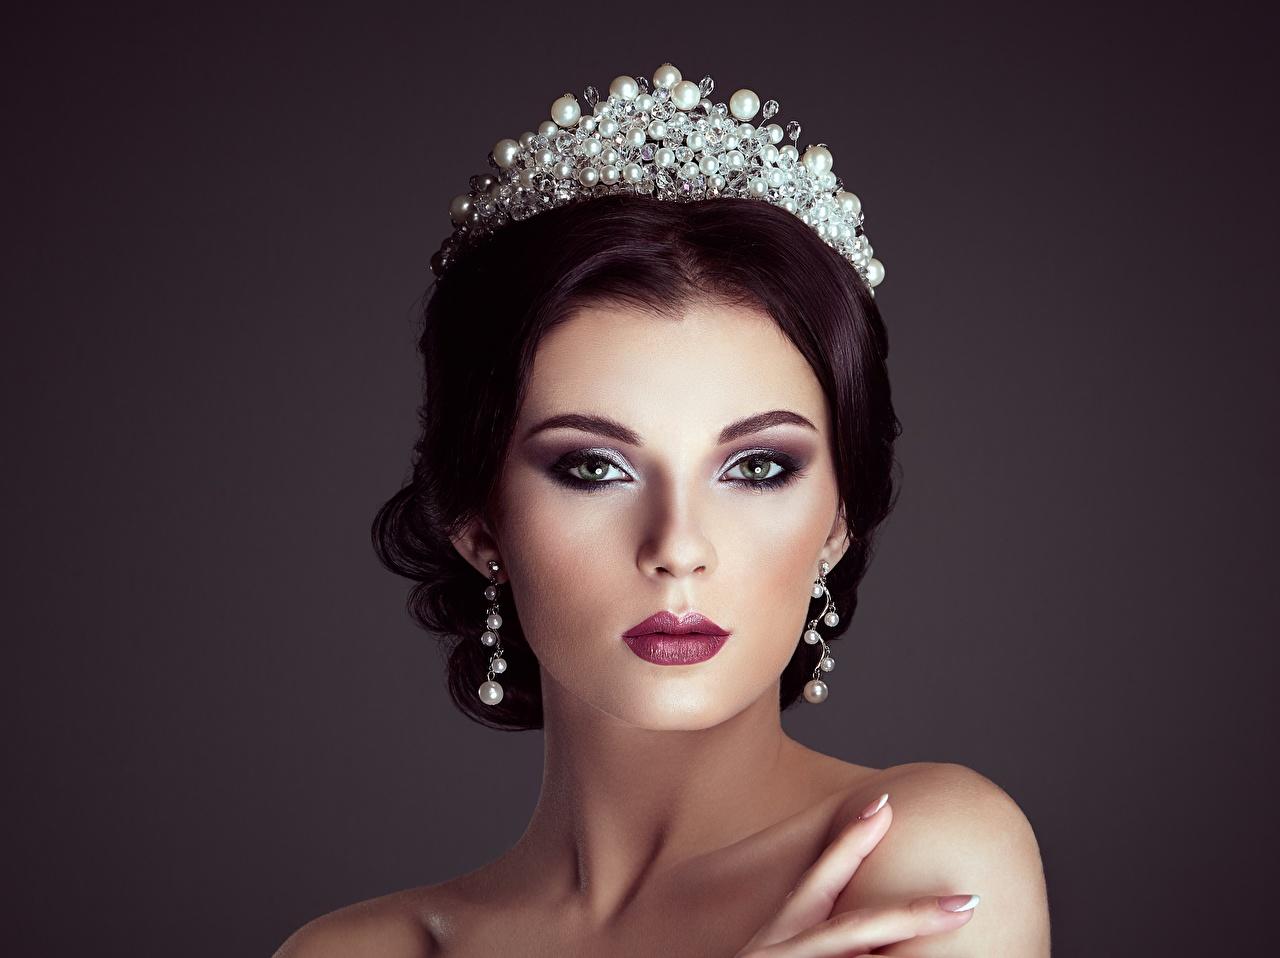 Fotos von Krone Model Make Up hübsch Frisuren Mädchens Ohrring Blick Schminke Schön schöne schönes schöner hübsche hübscher Frisur junge frau junge Frauen Starren